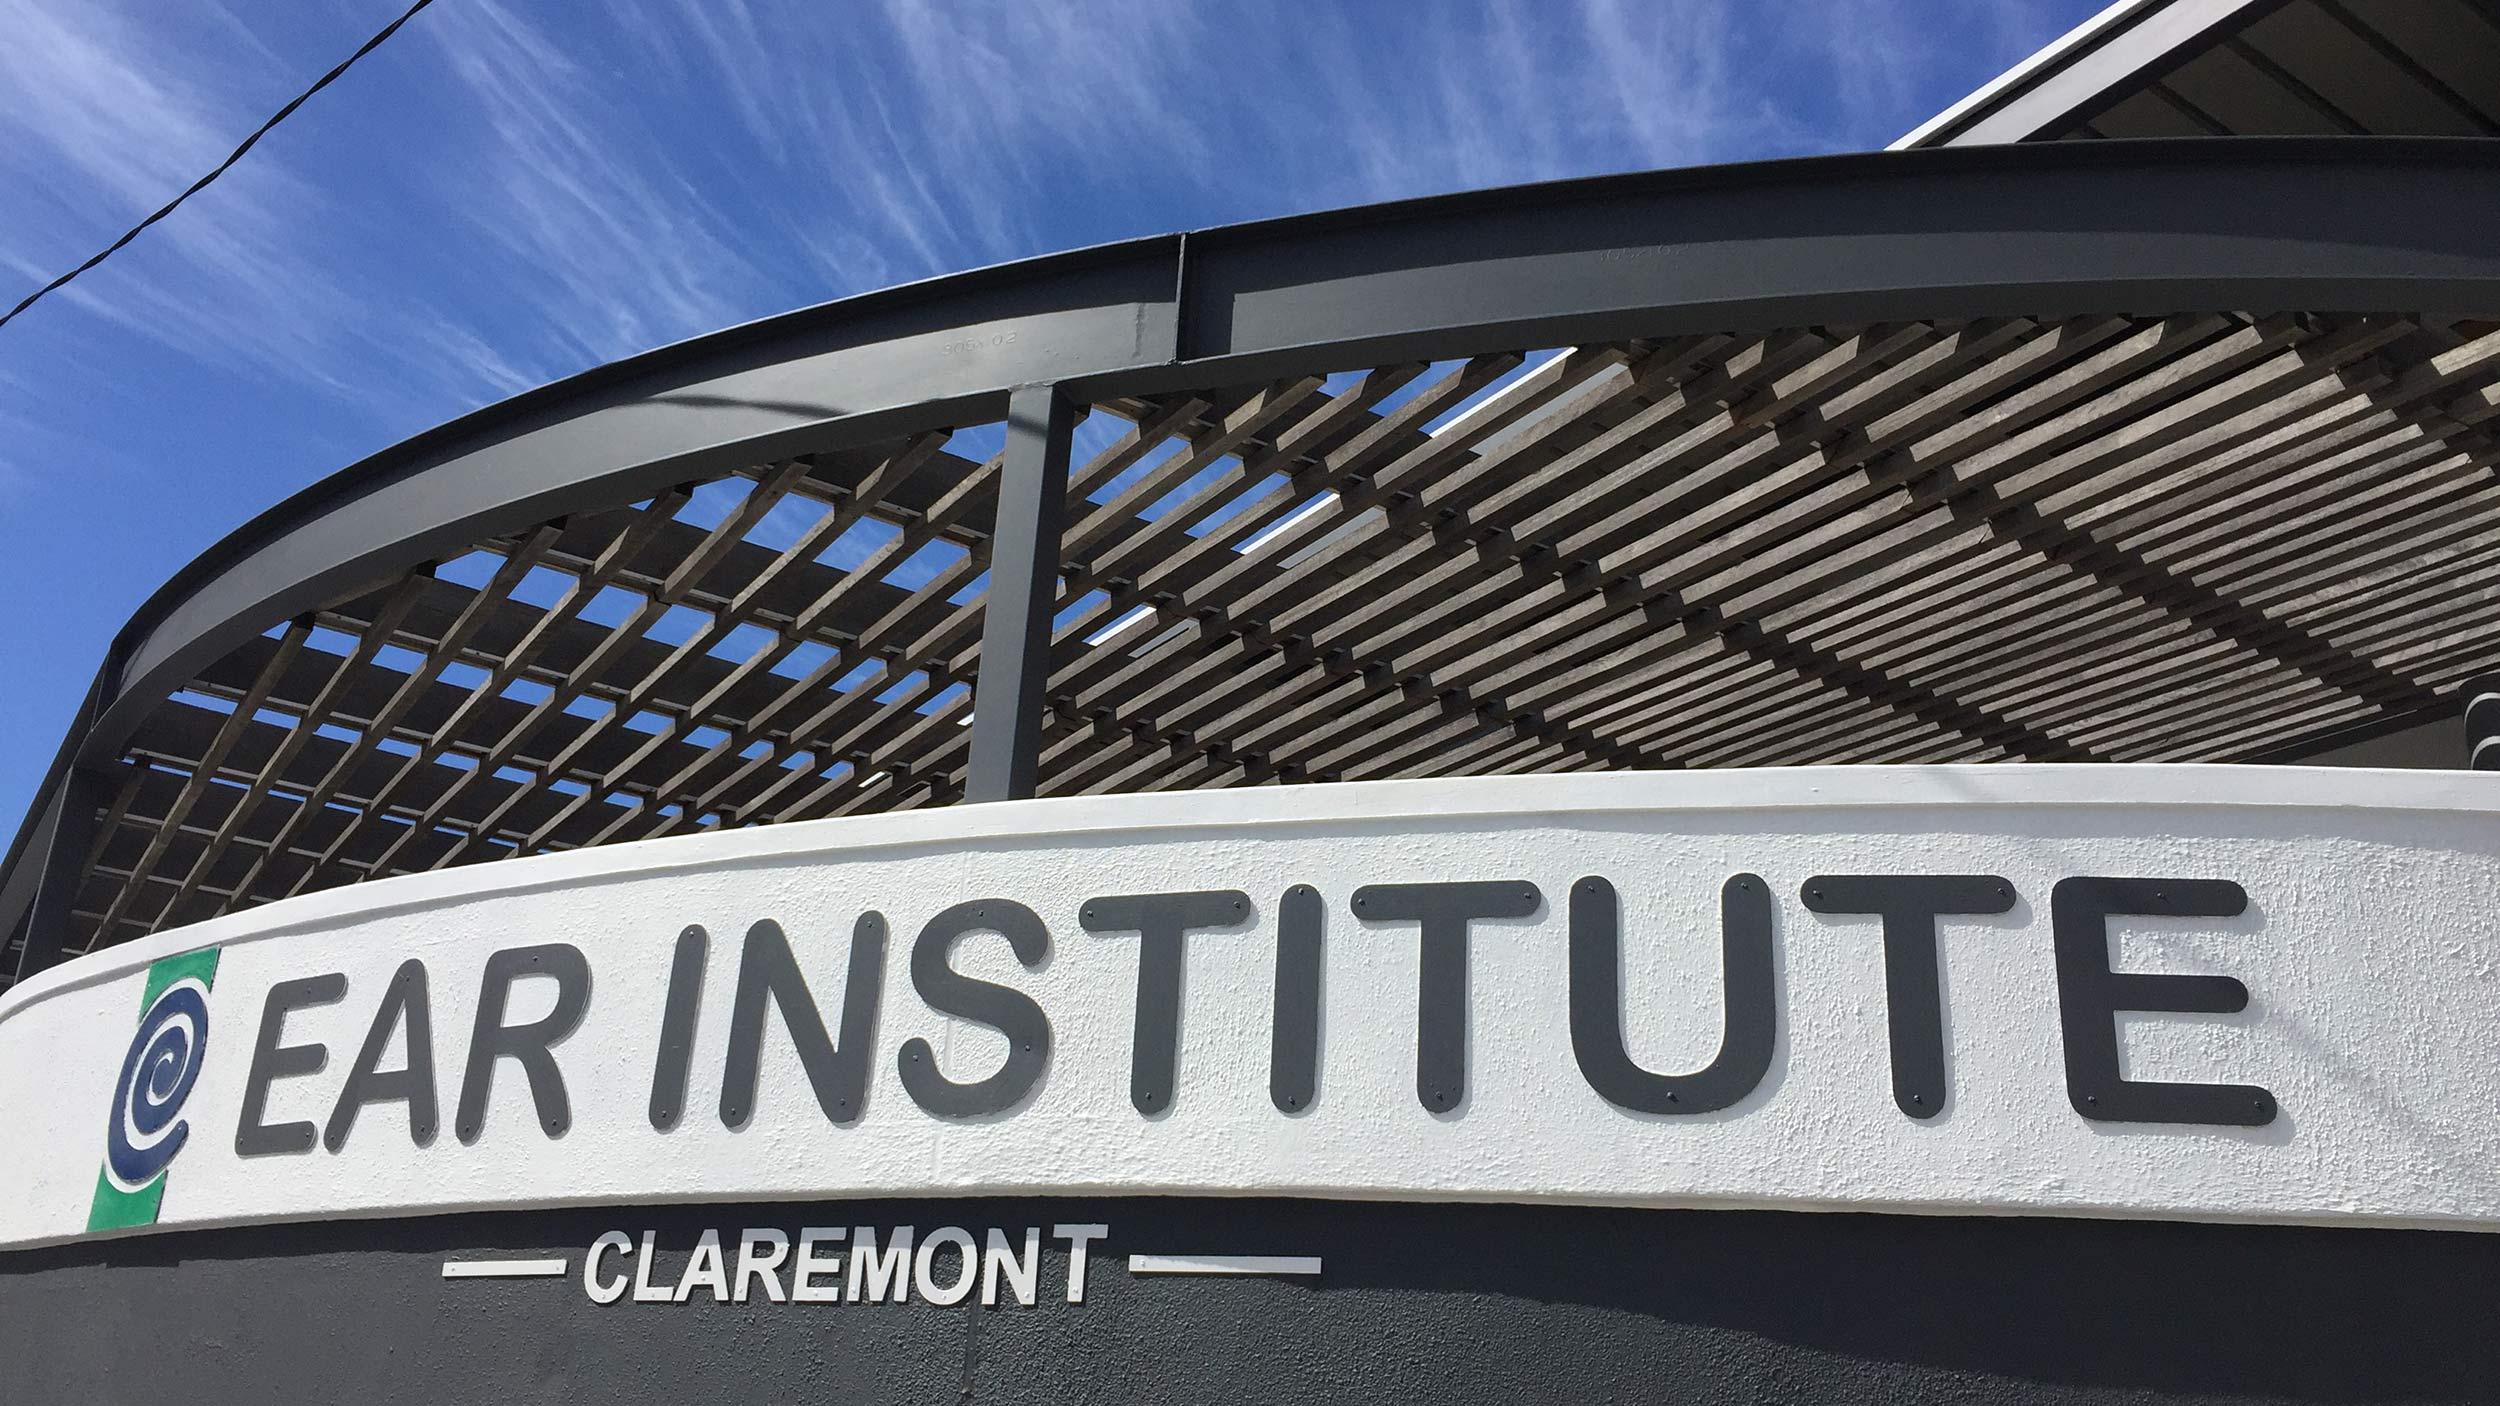 Clarmont Ear Institute